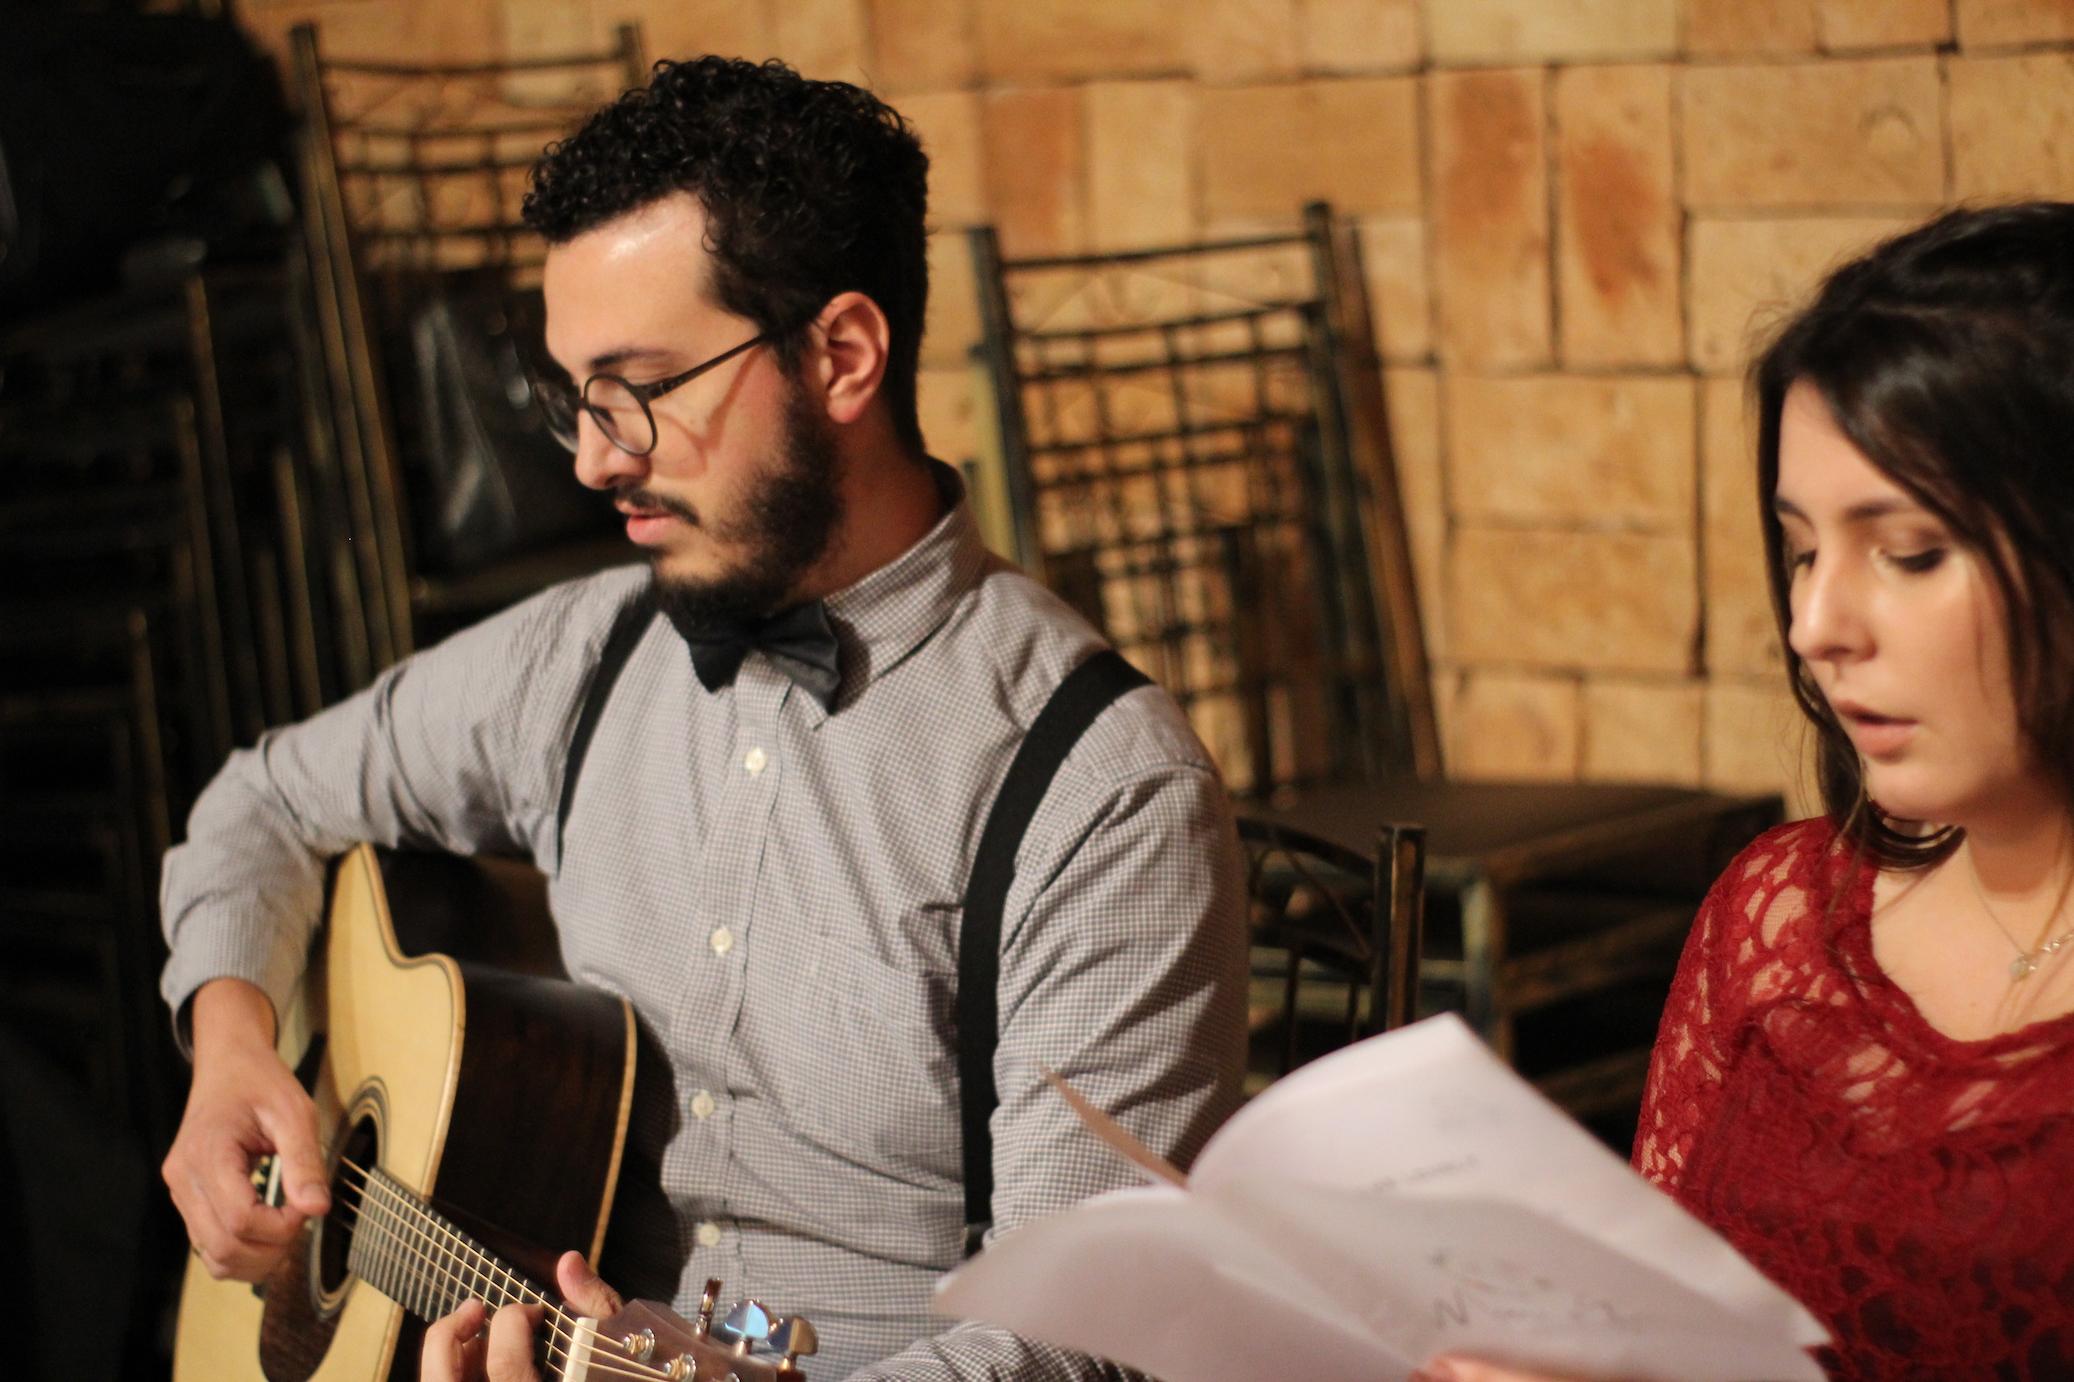 Casamento Mayara e Rodrigo Voz Violao e Violino 03